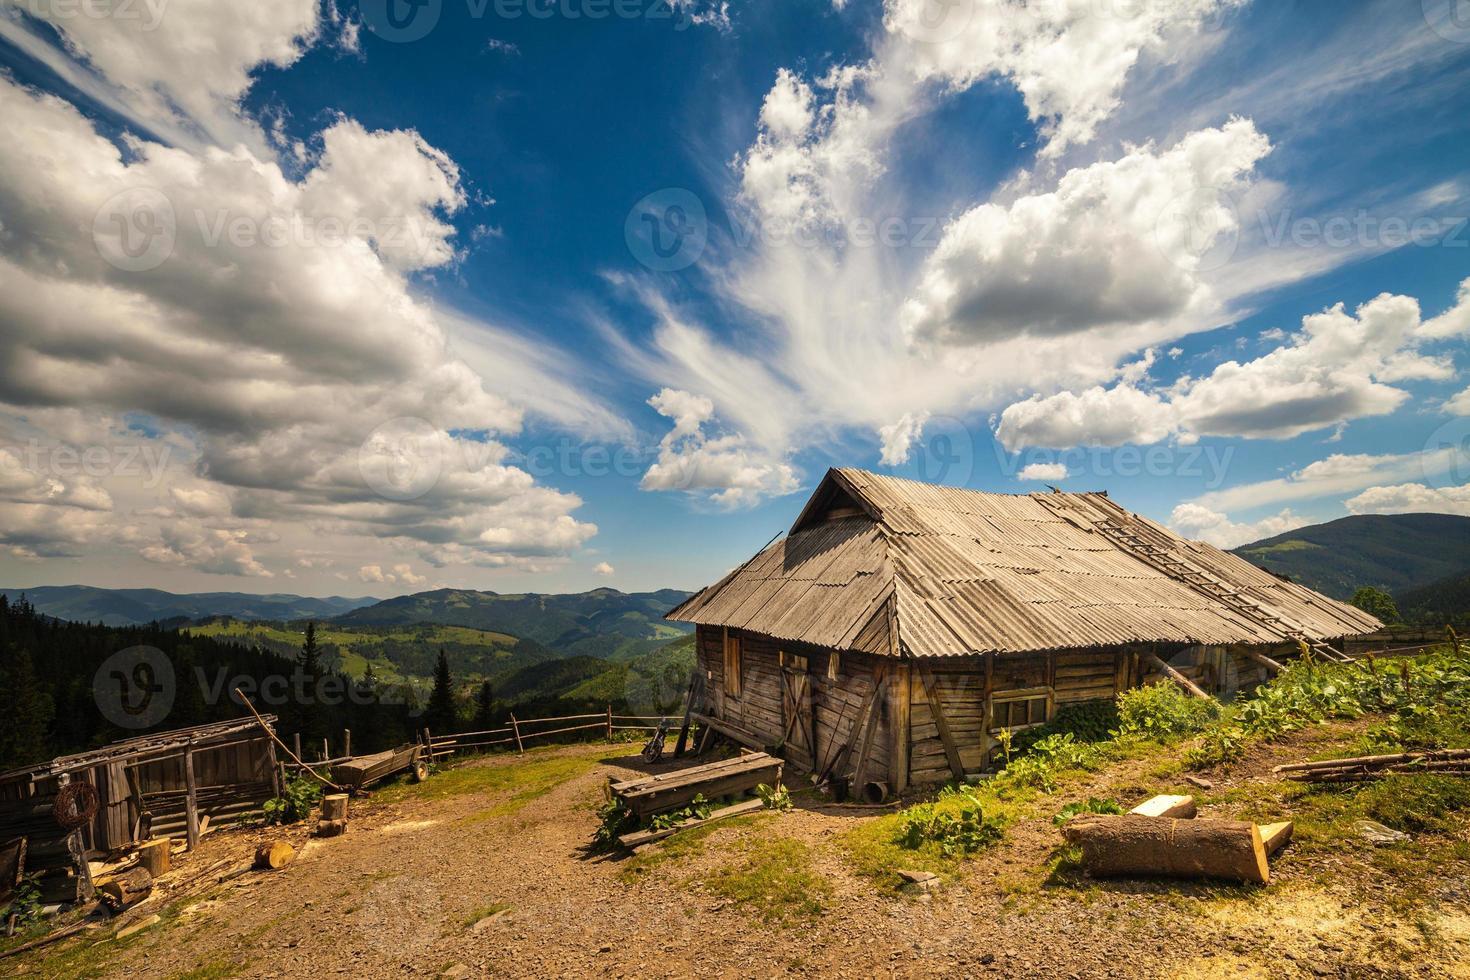 antigua casa tradicional de madera en las montañas foto